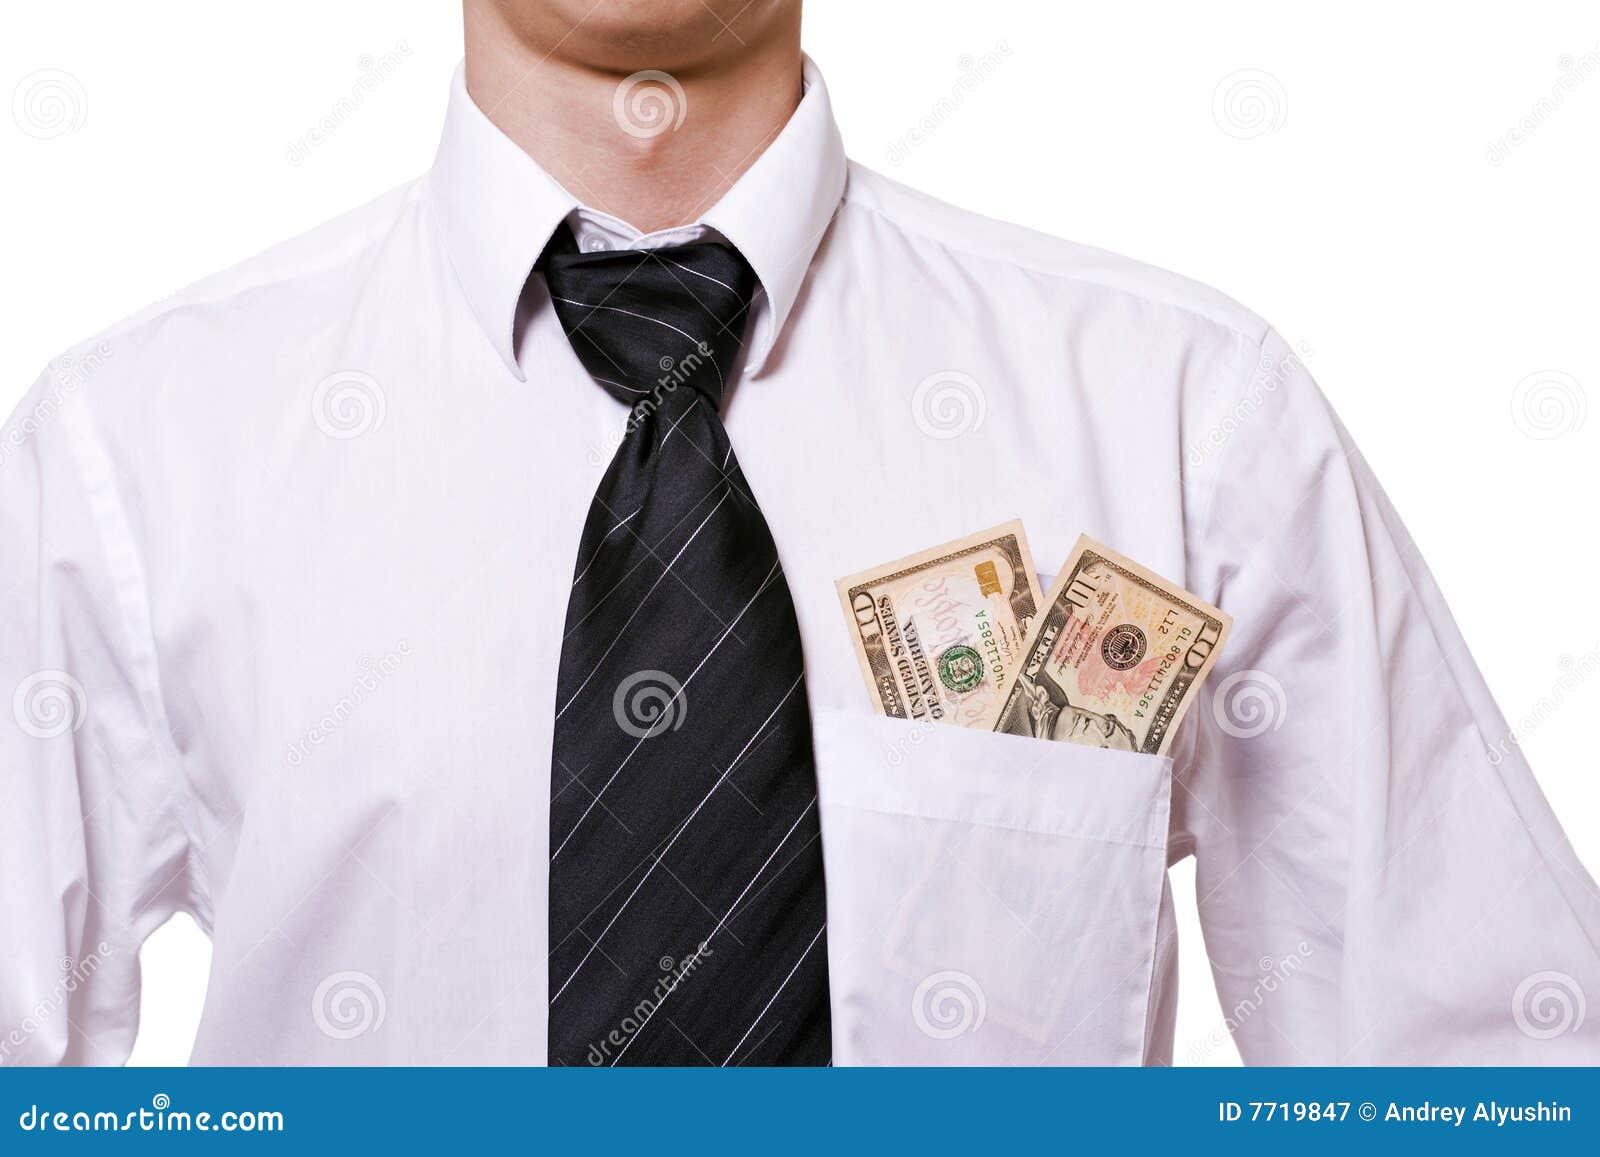 Geld in einer Tasche